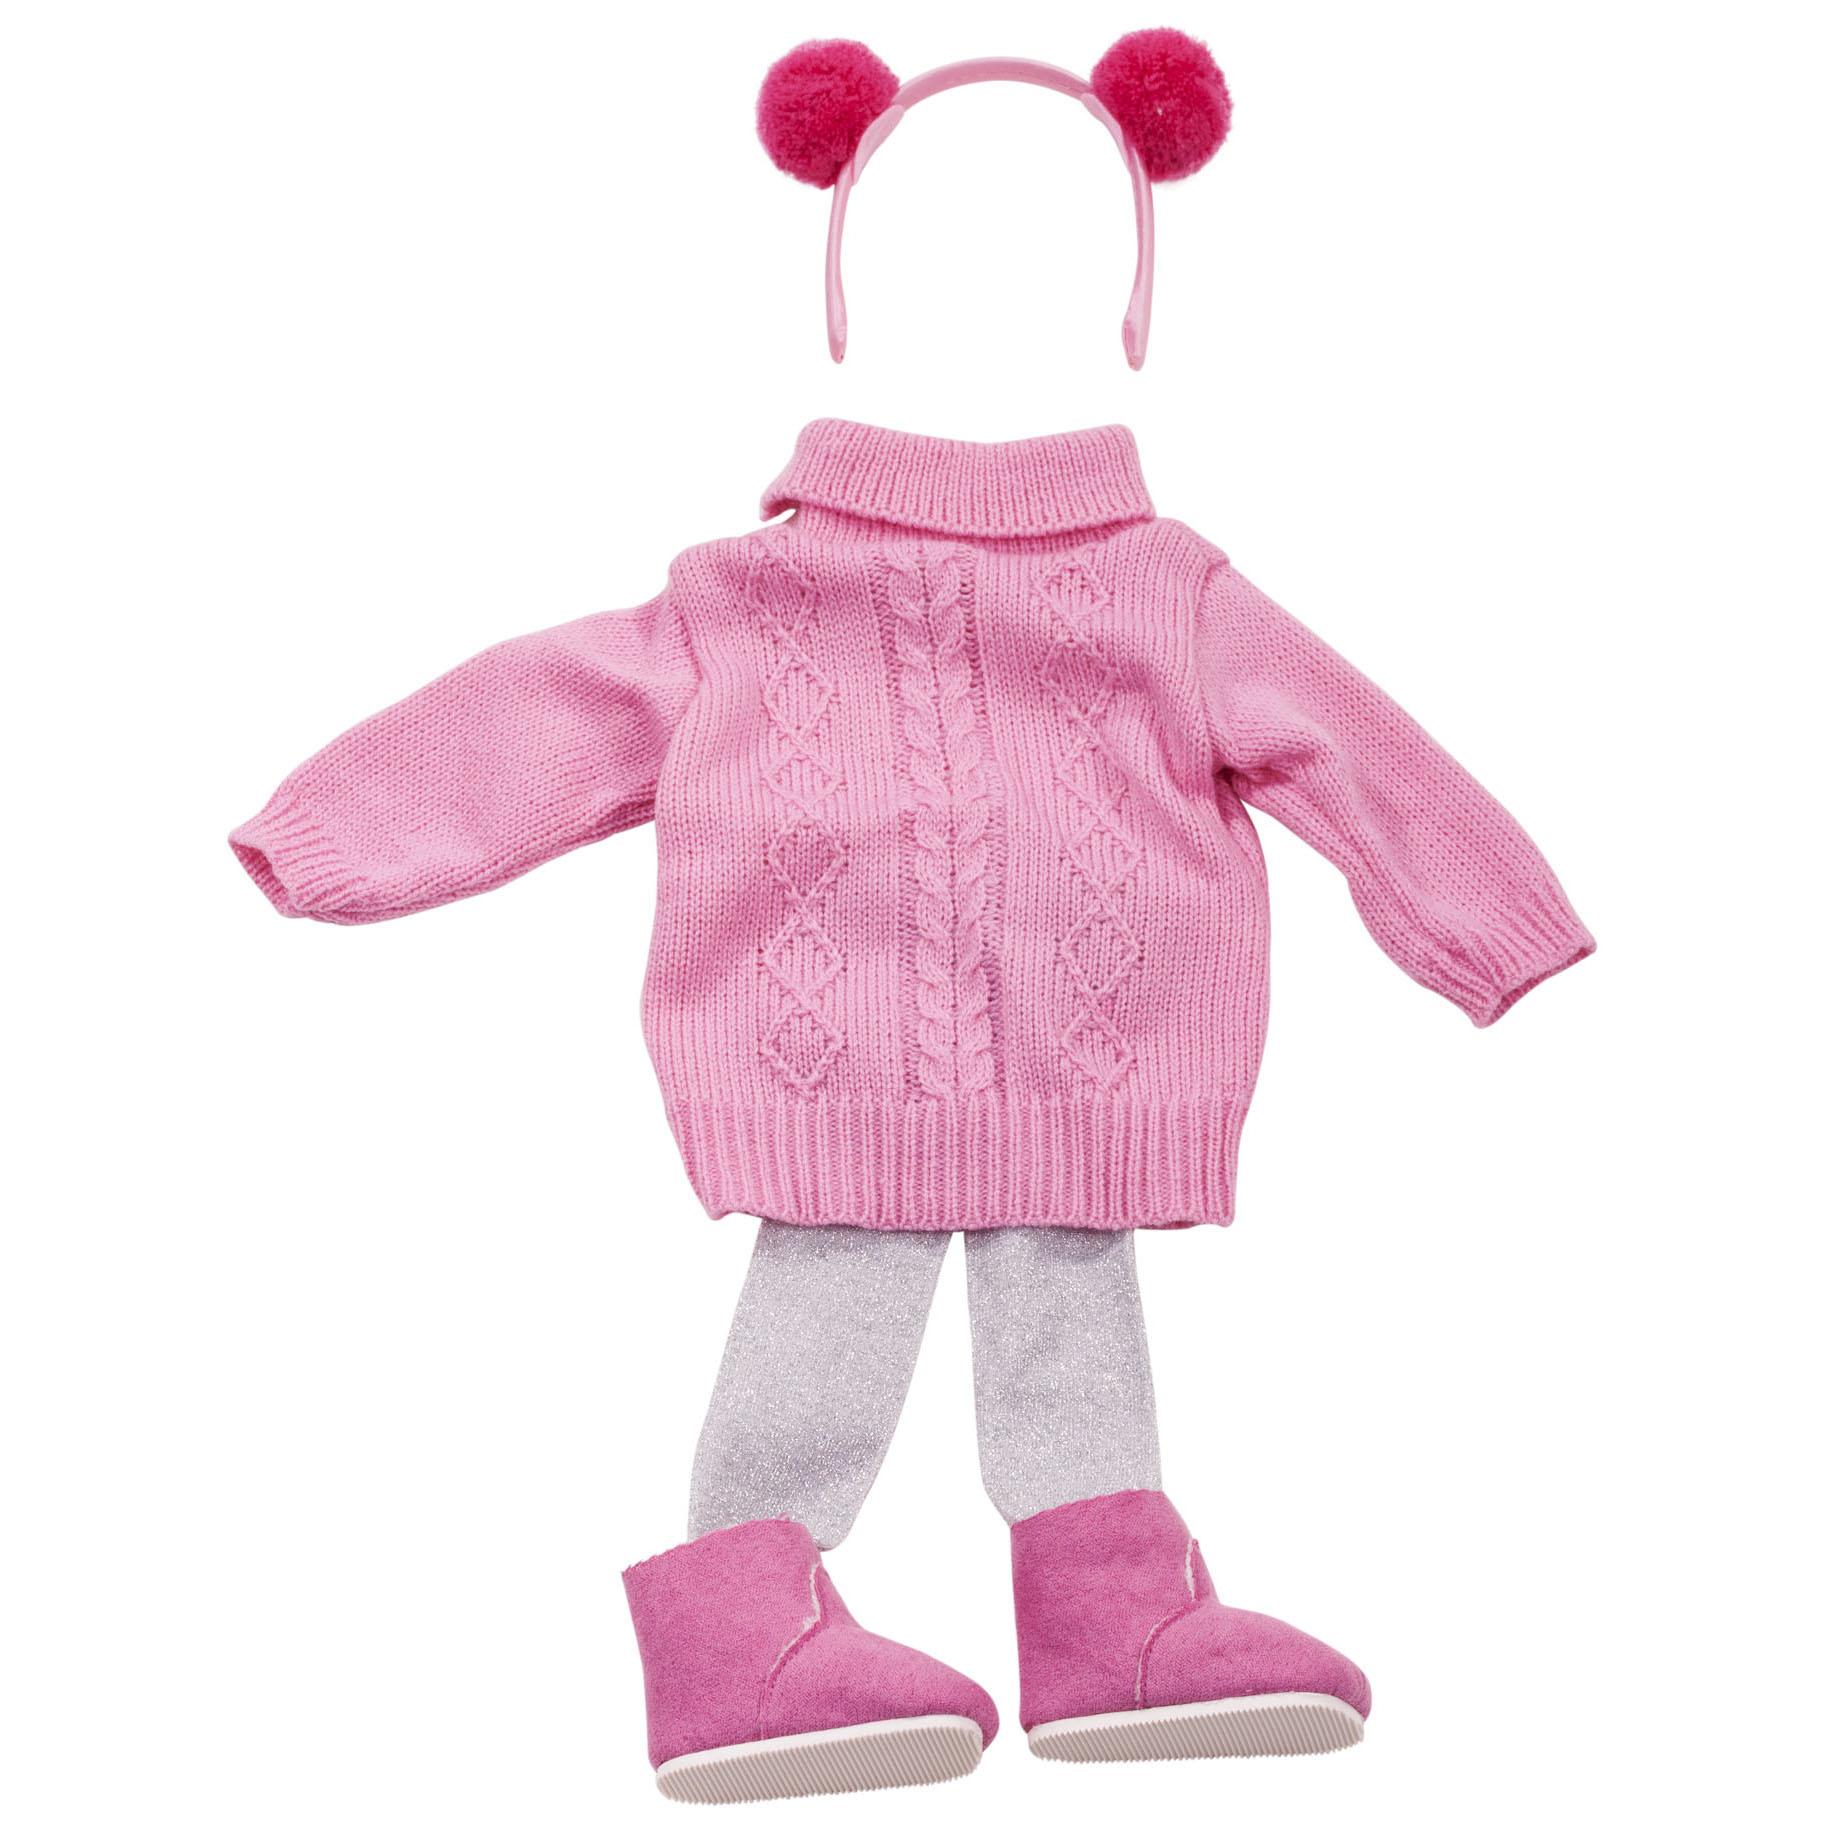 Купить Набор одежды для кукол - Костюм с наушниками, 45-50 см, Gotz